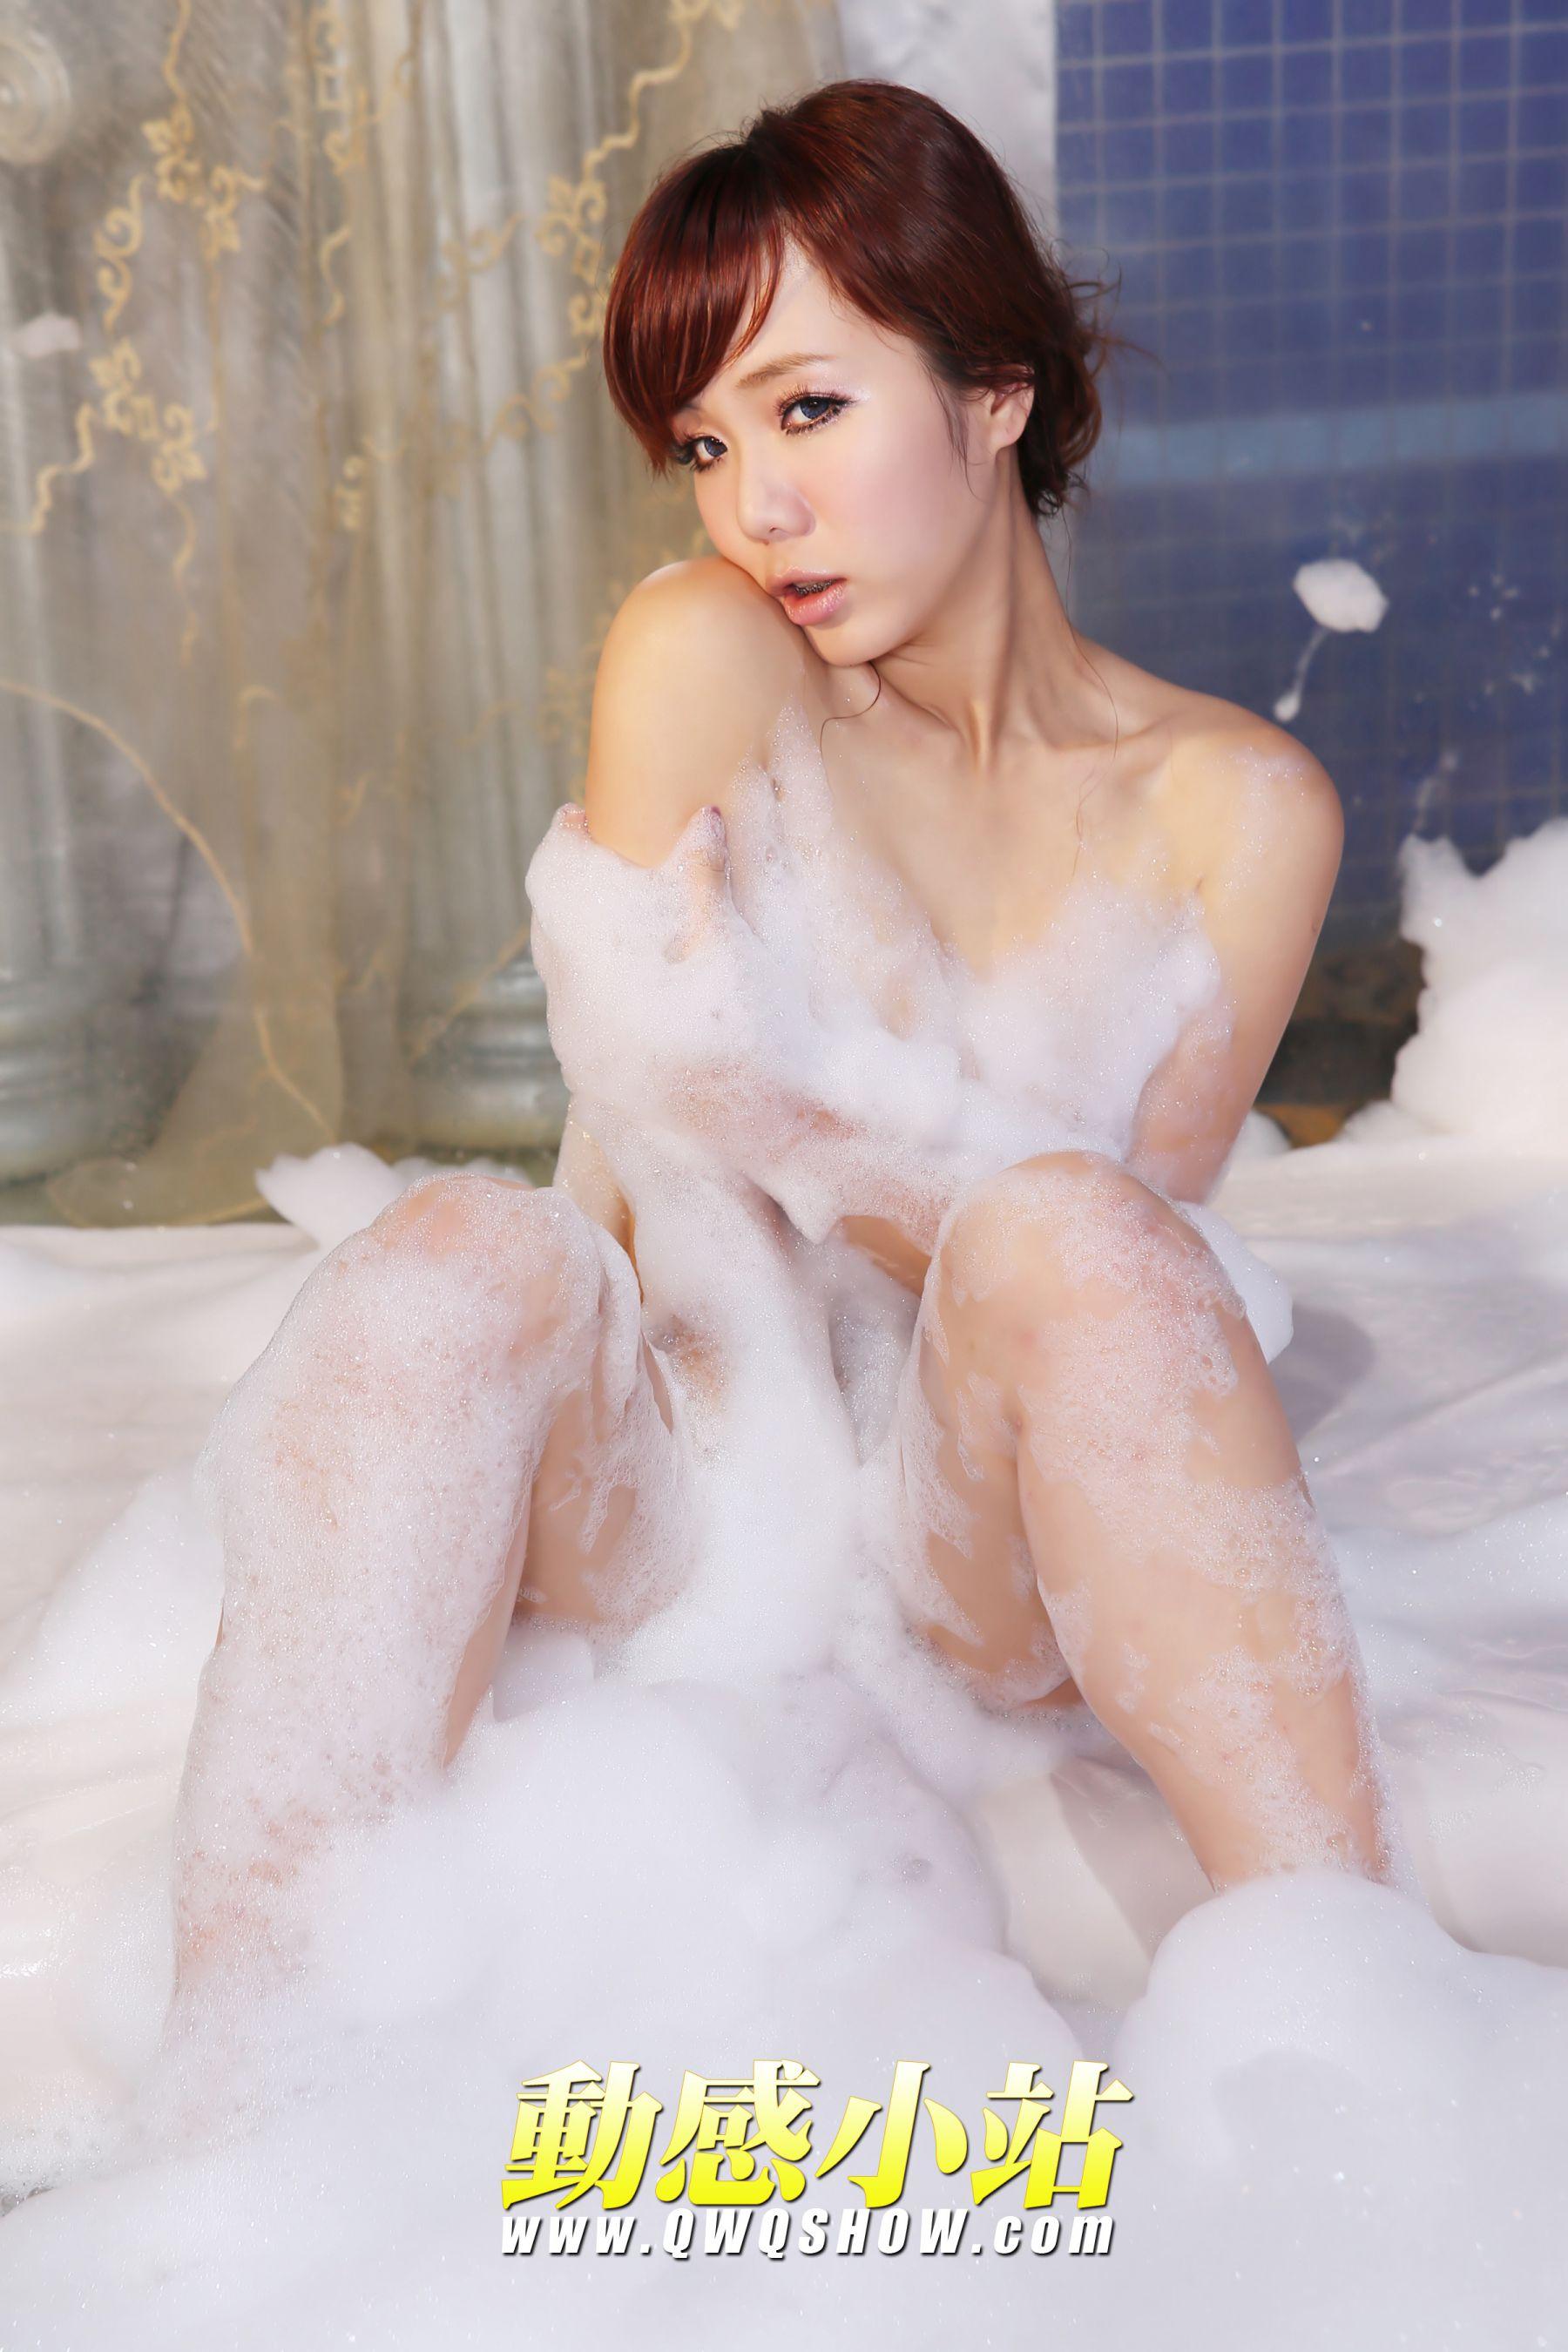 VOL.315 [动感之星]人体艺术浴室:精灵(动感小站精灵,动感之星精灵)高品质写真套图(34P)